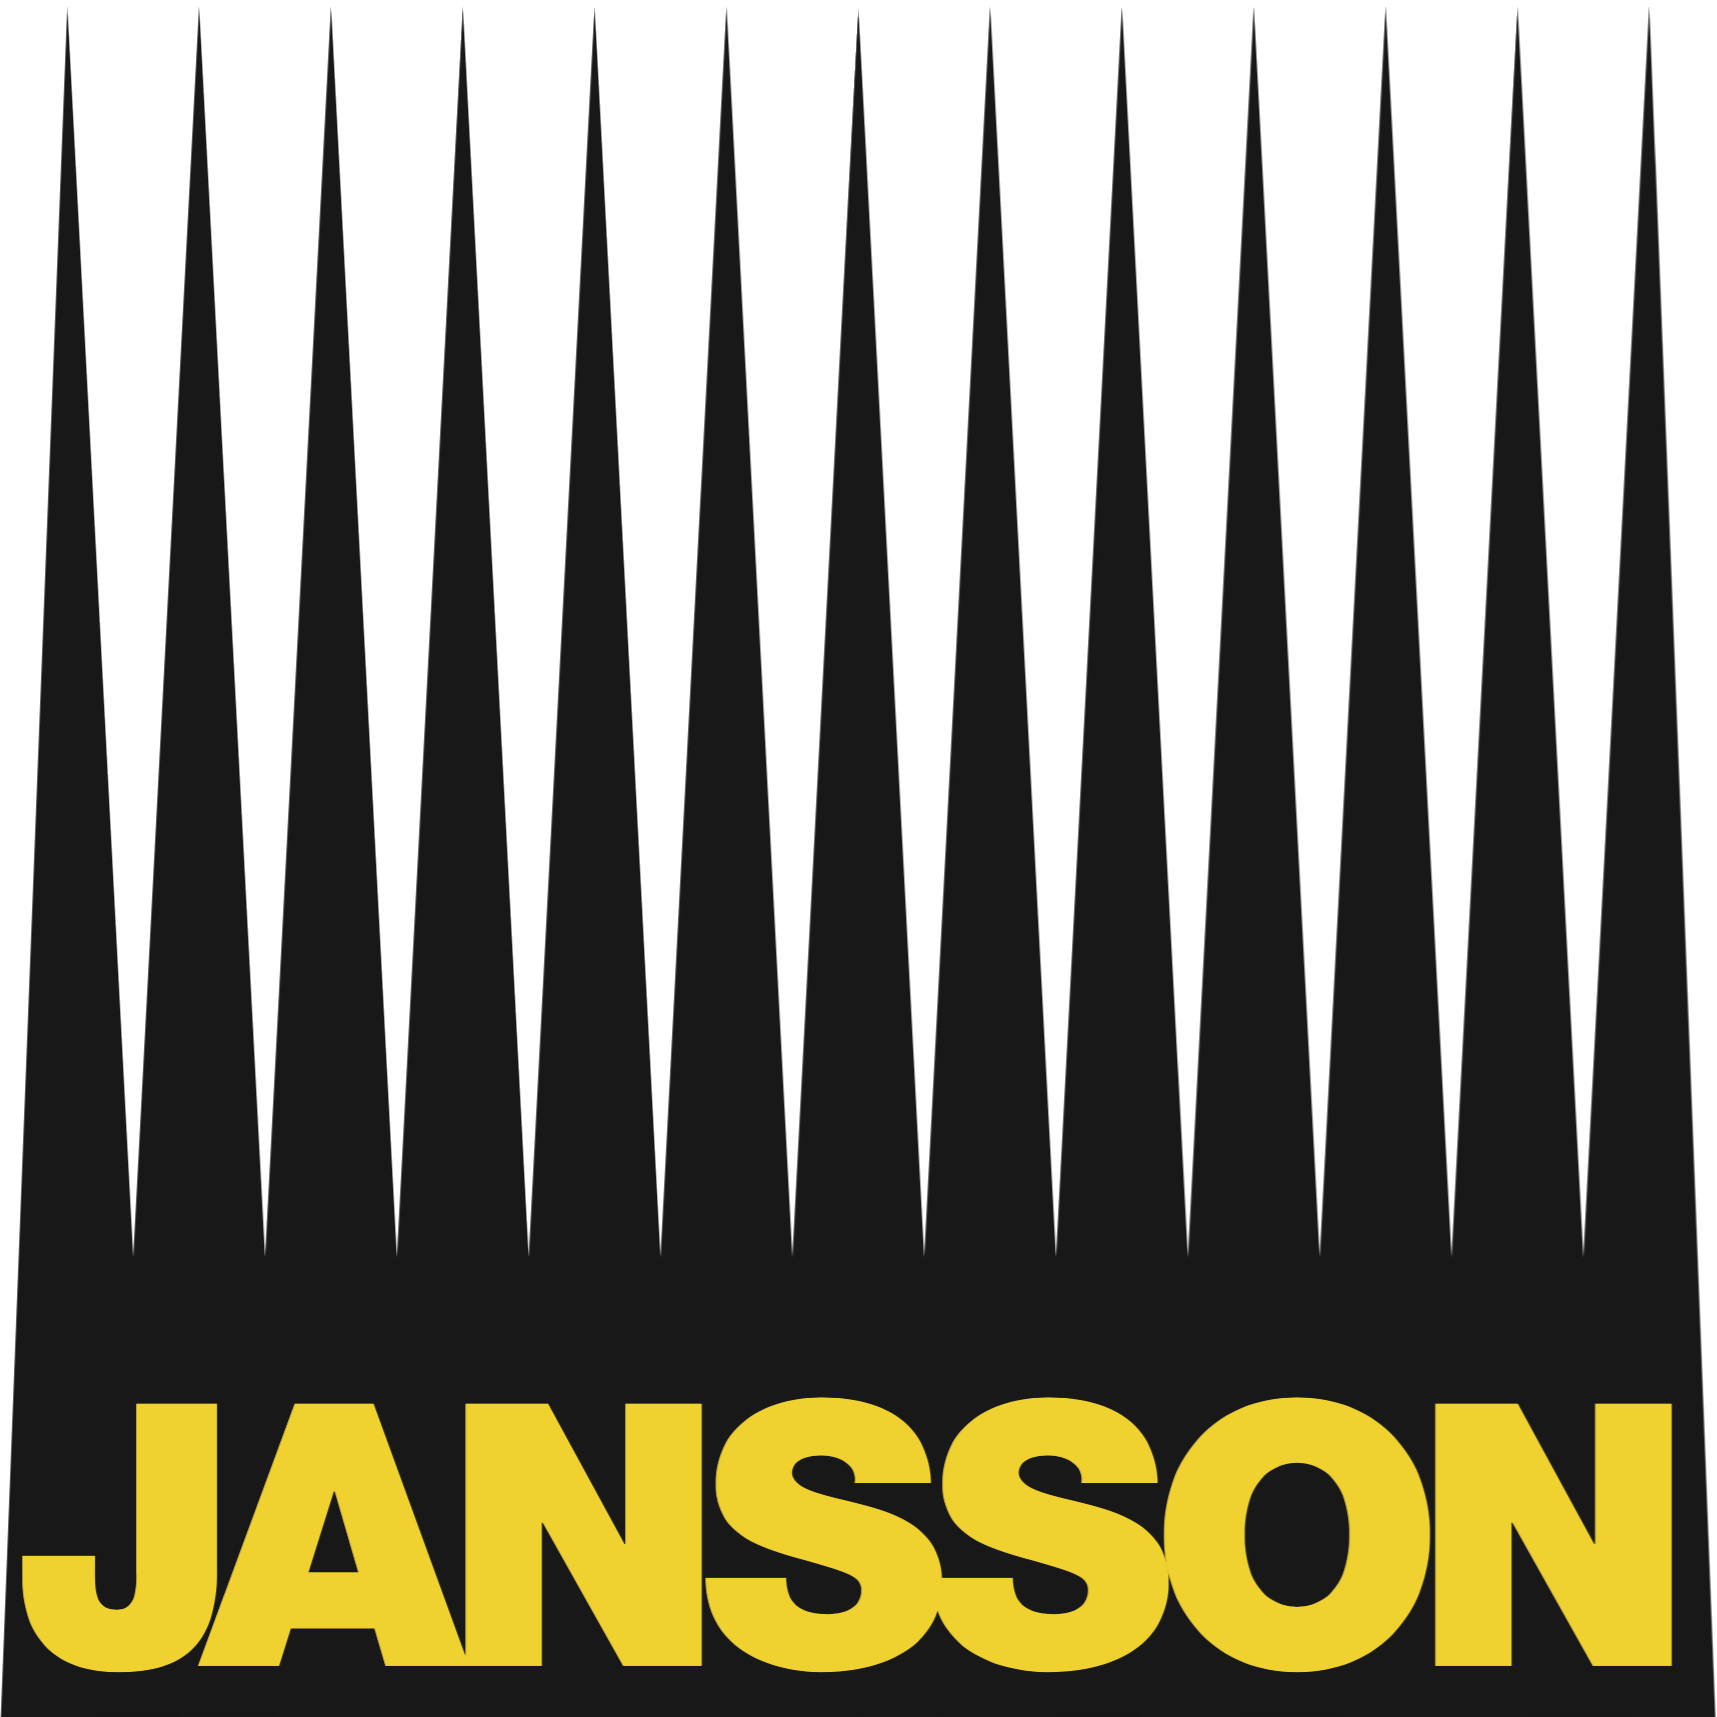 Jansson El VI HAR ÅBENT